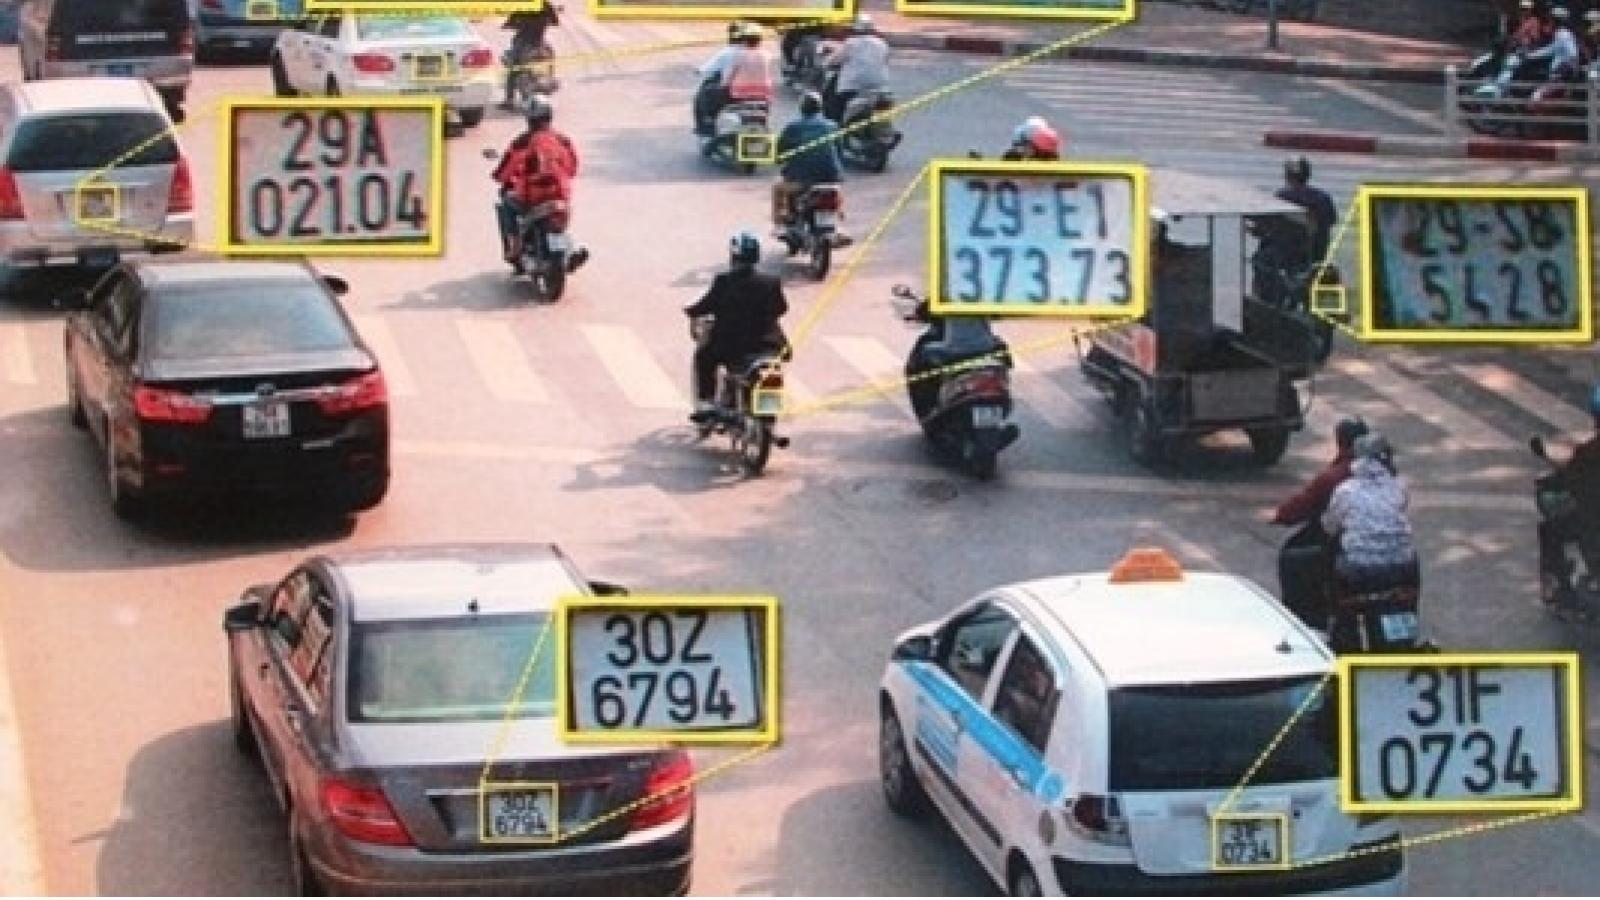 Hướng dẫn cách tra cứu xe bị phạt nguội ở Hà Nội